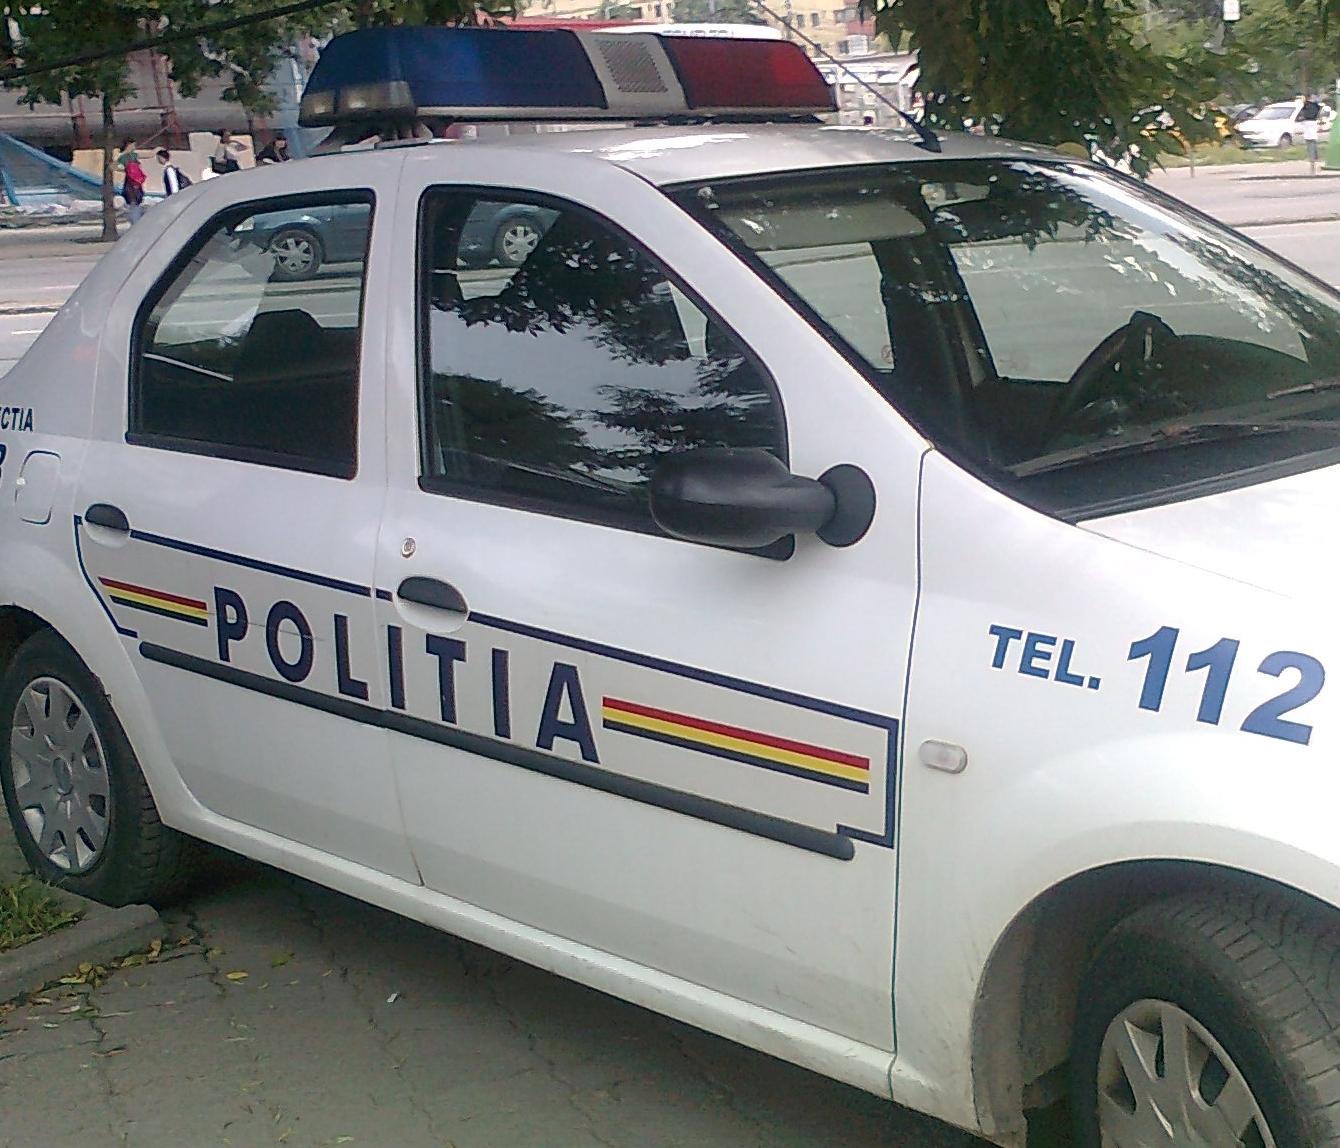 politiaNew Image